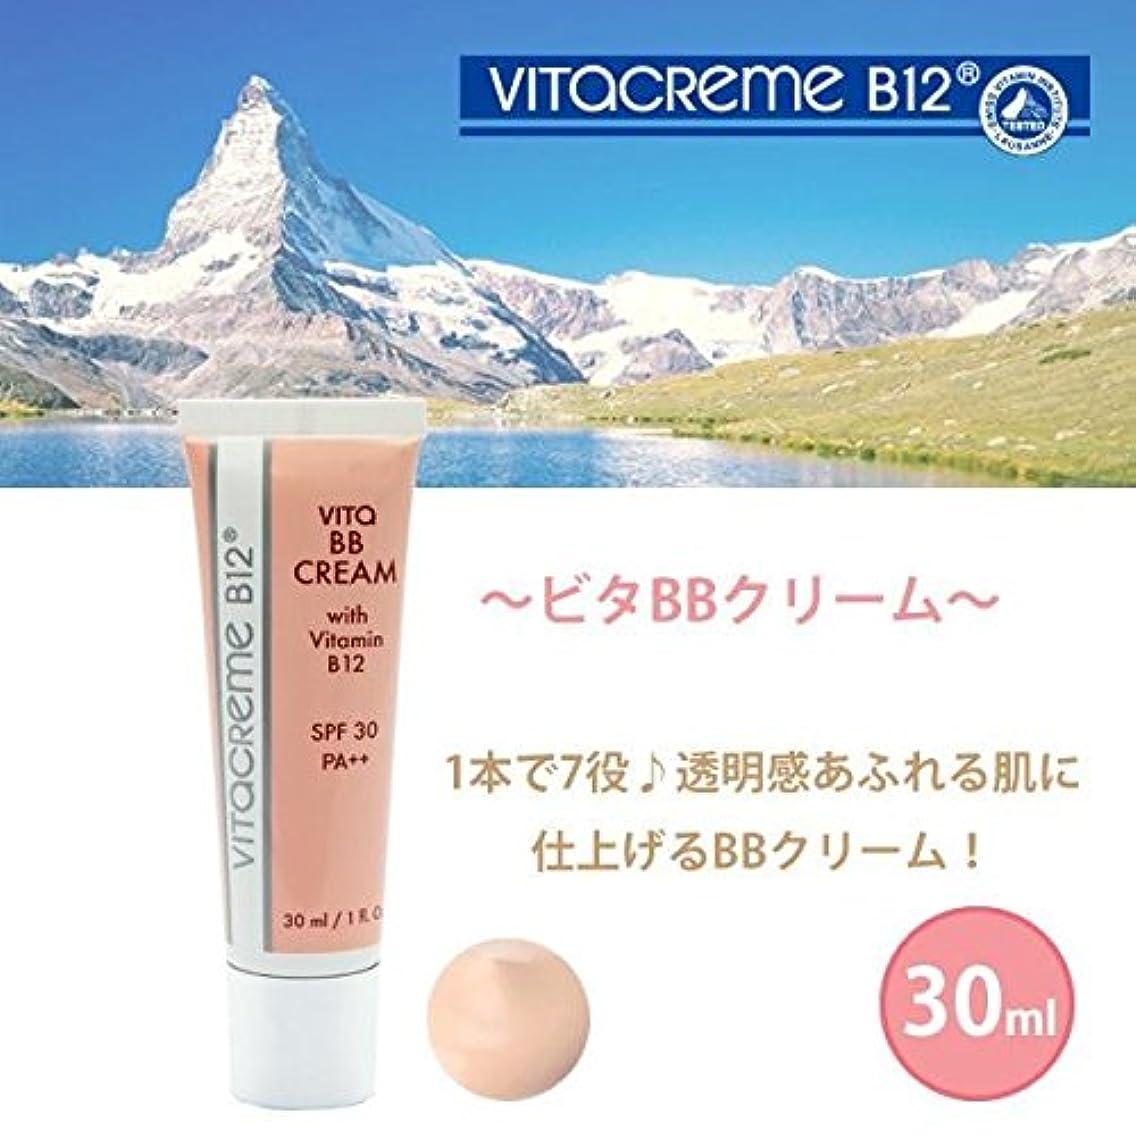 意味のある天窓ヘビビタBBクリーム 30ml 正規品 VTB238 【人気 おすすめ 】